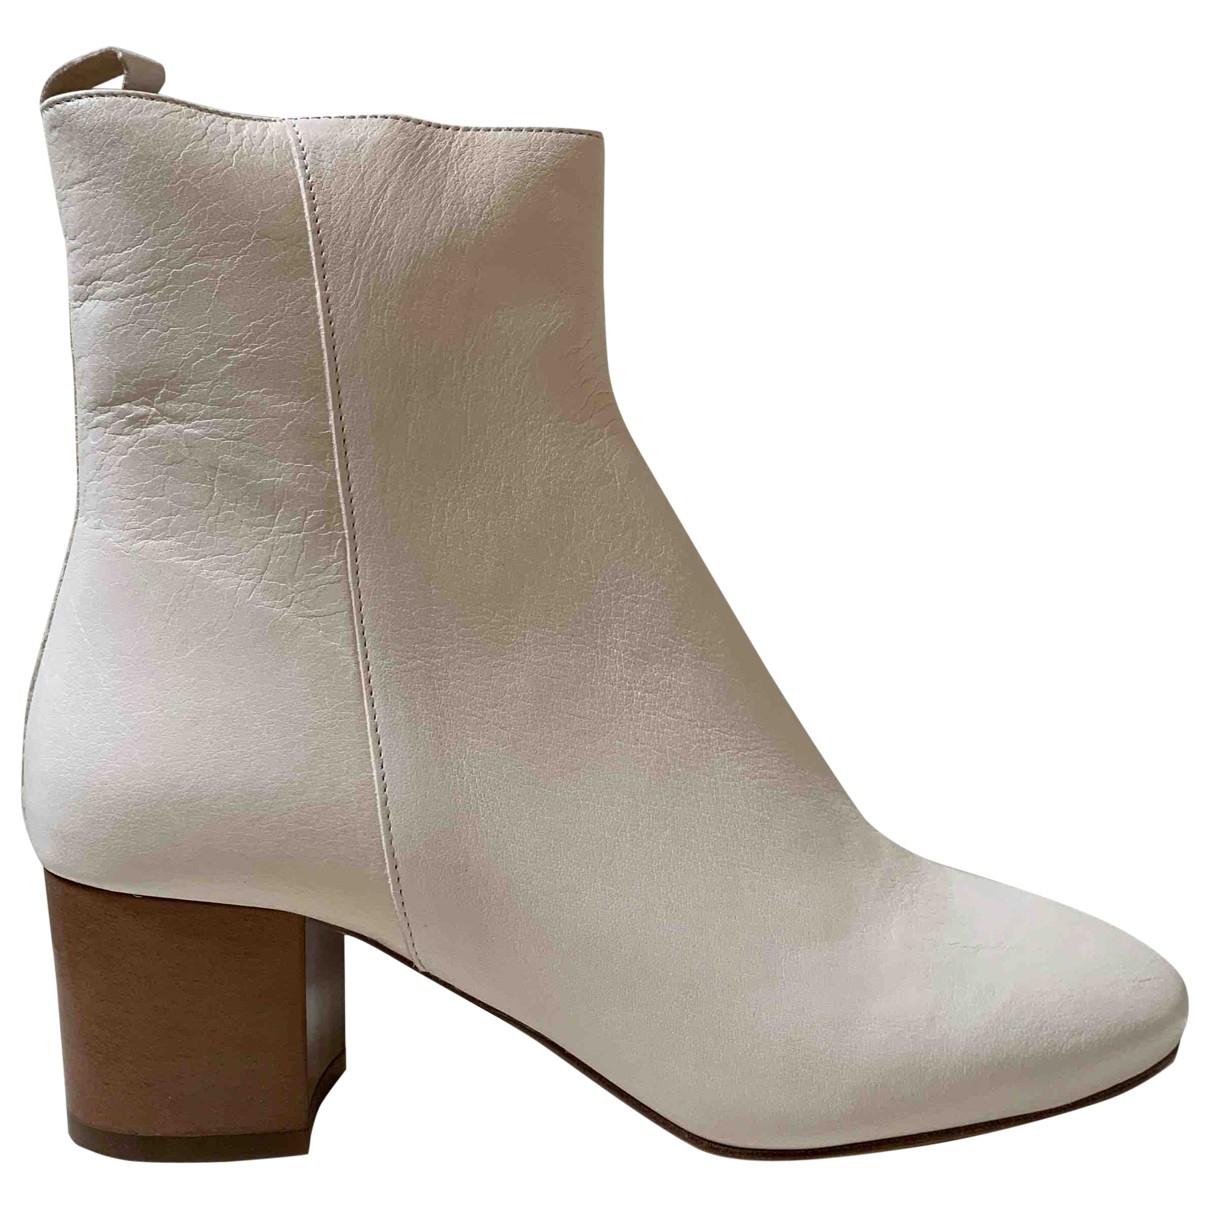 Isabel Marant - Boots   pour femme en cuir - blanc